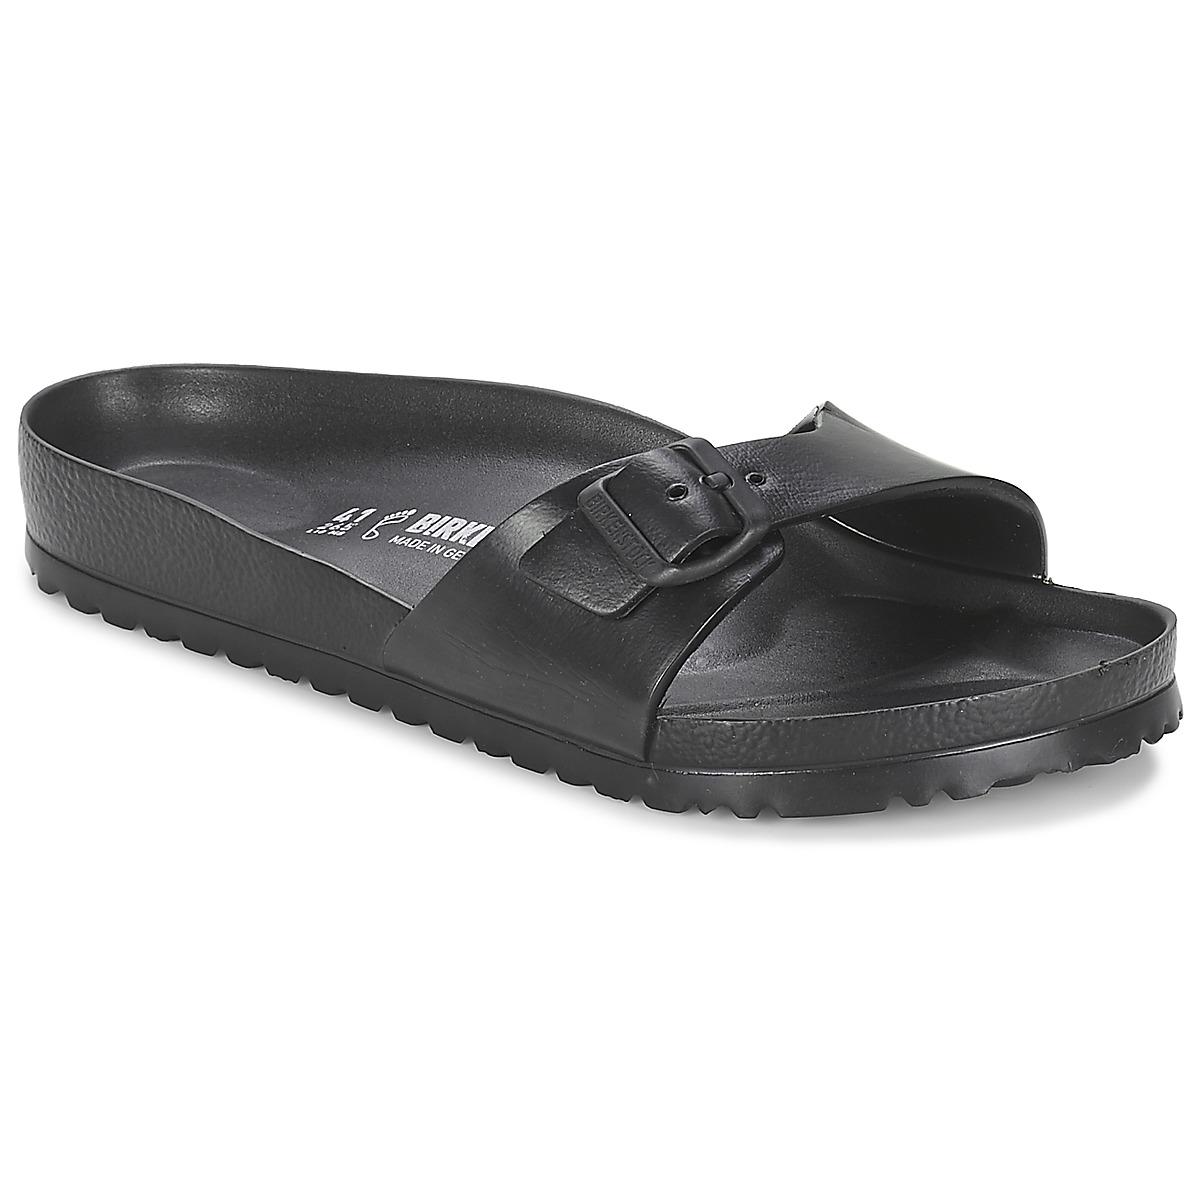 birkenstock madrid eva noir livraison gratuite avec chaussures mules homme 28 71. Black Bedroom Furniture Sets. Home Design Ideas